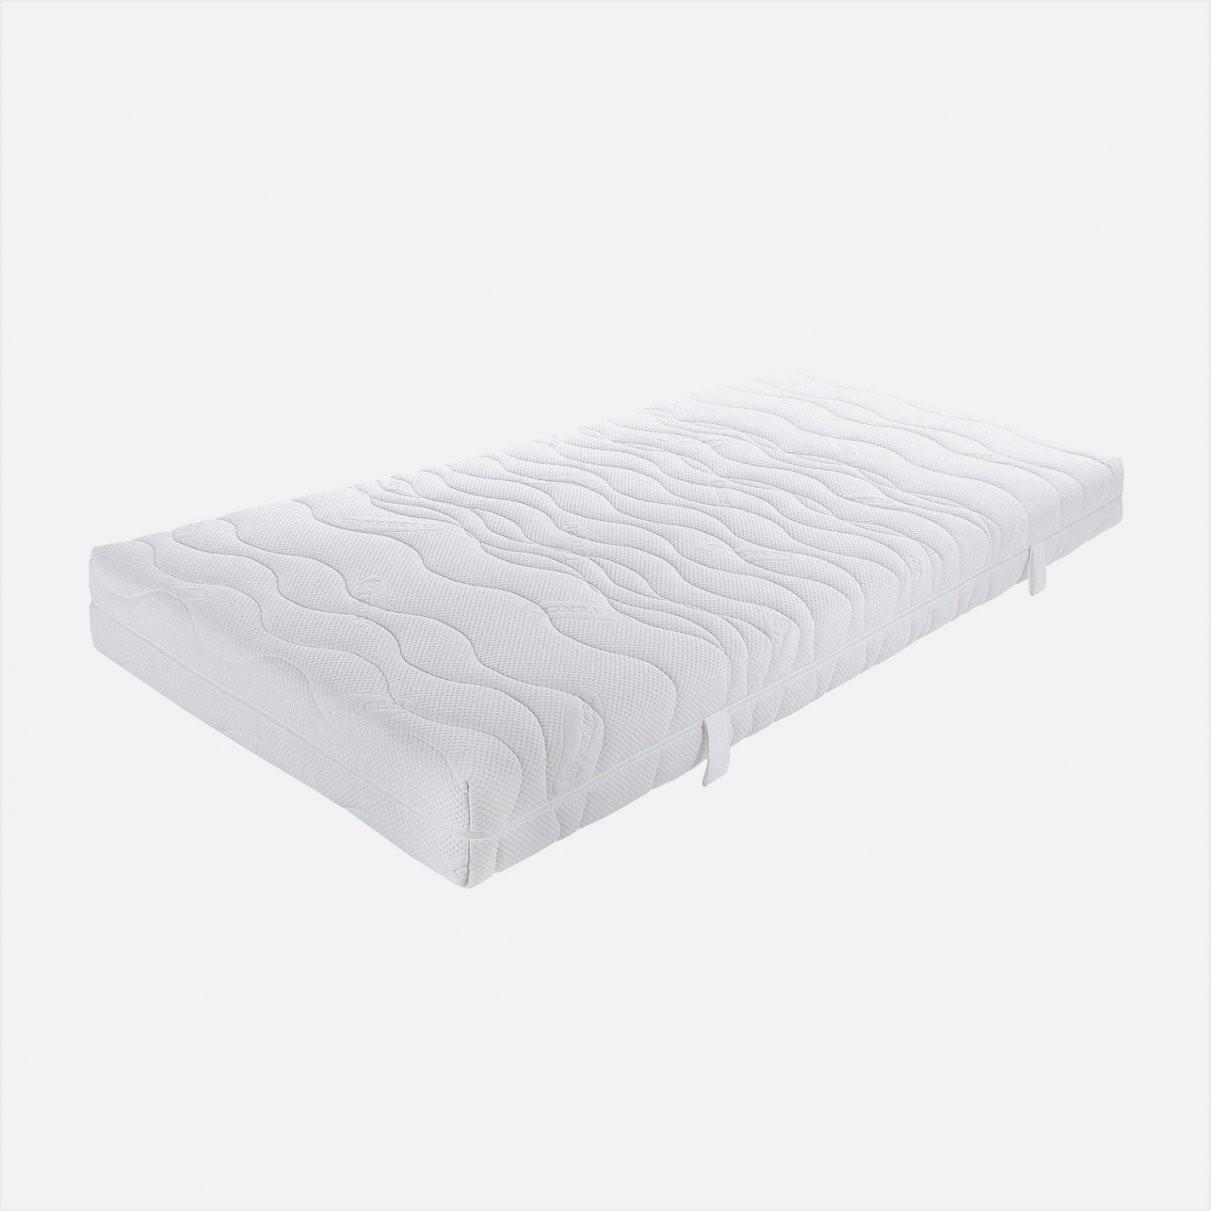 Bewundernswert 97 Vorstellungen Von Bett Matratzen Test  Ar Skandeliked von Bett Matratzen Test Photo